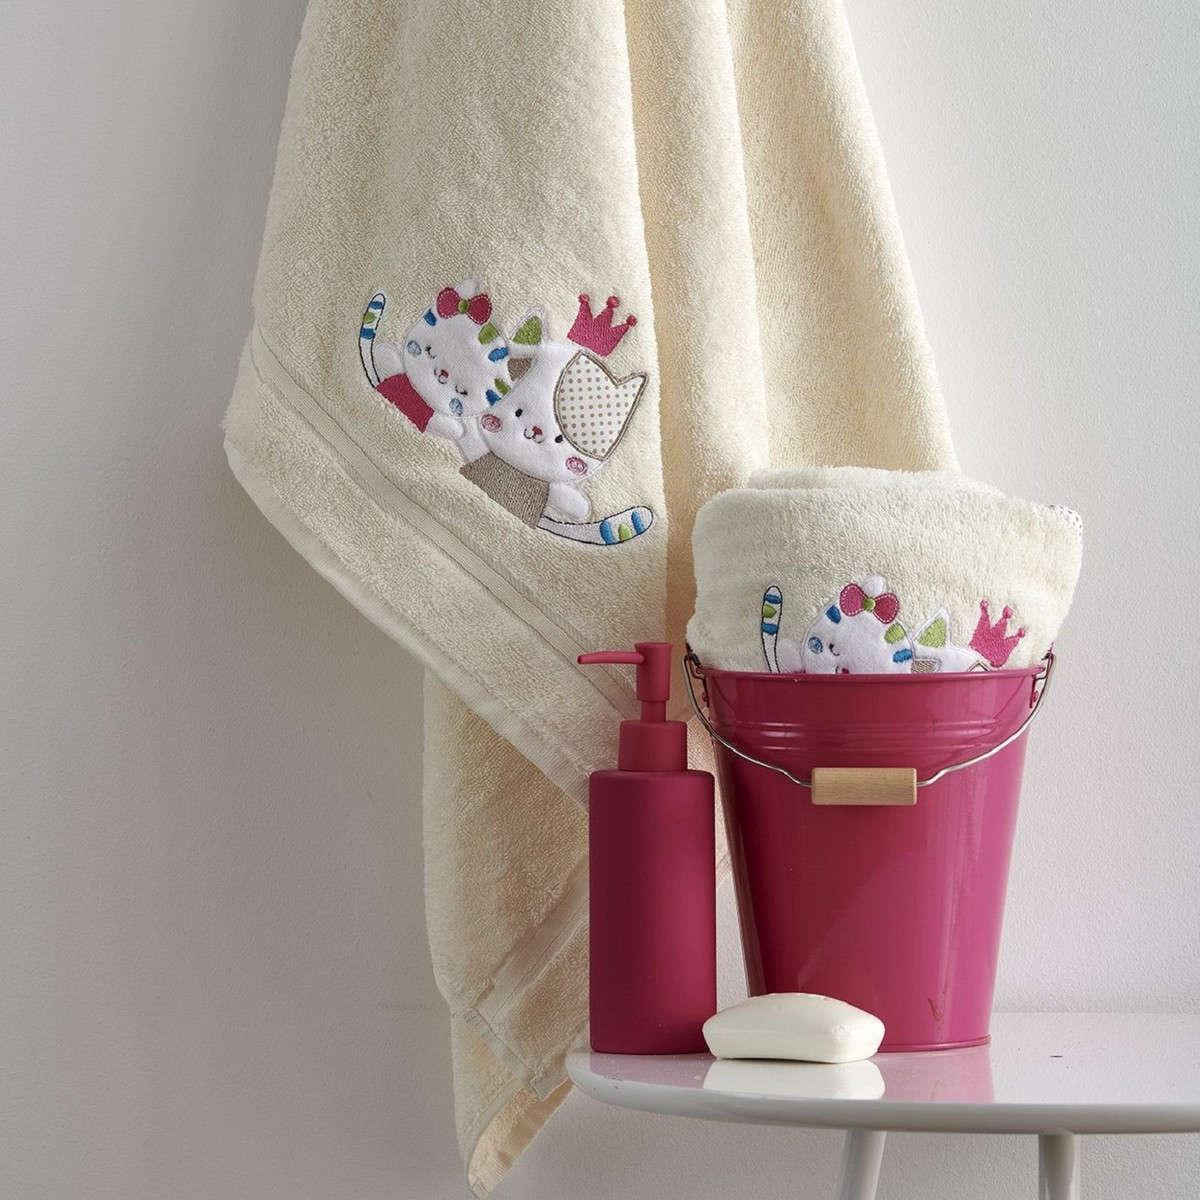 Πετσέτες Σετ Βρεφικές 2Τεμ. Με Κέντημα Gattino Cream Sb Home Σετ Πετσέτες